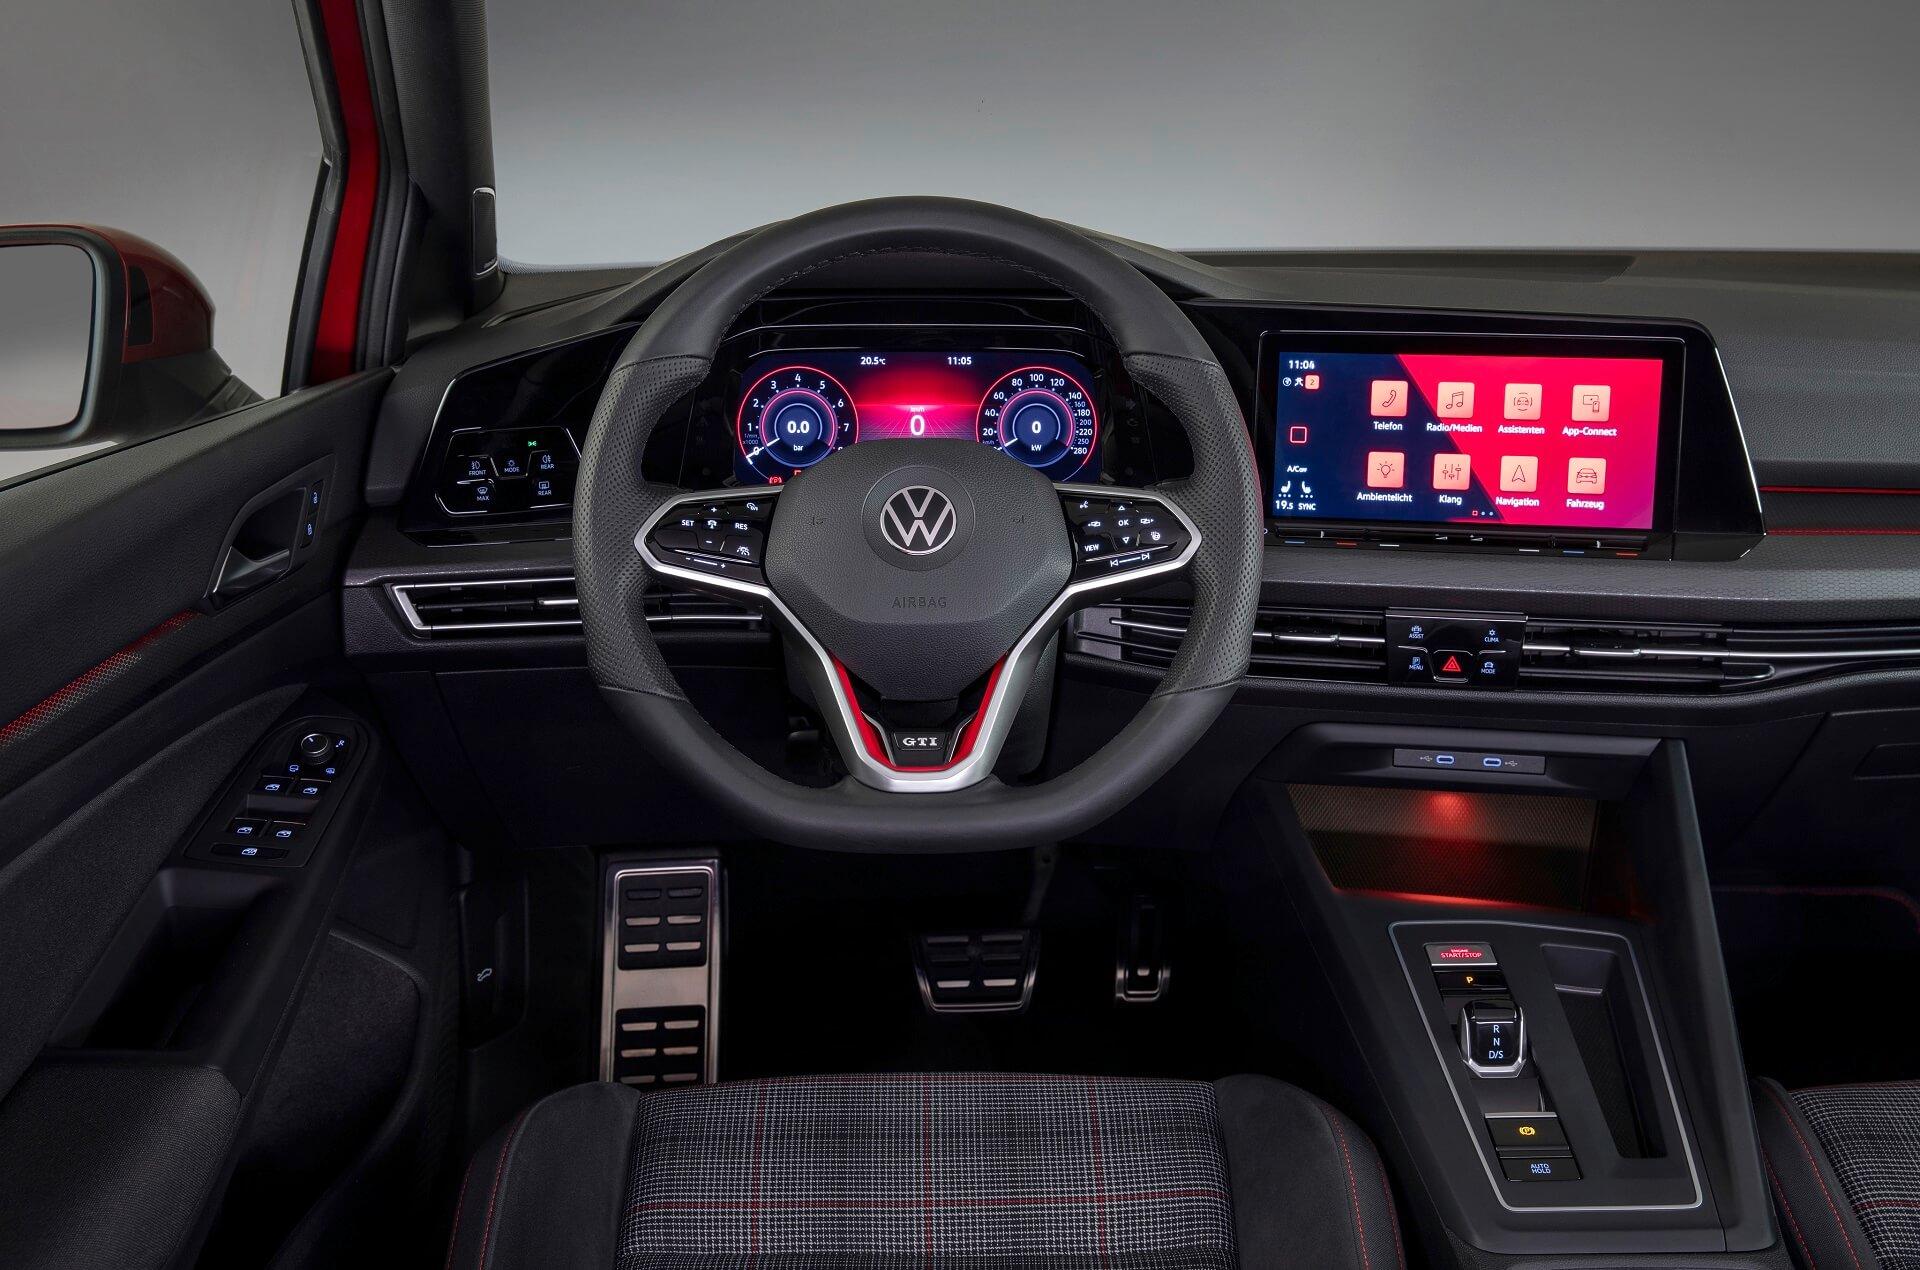 Νέο Volkswagen Golf GTE - Εσωτερικό με Digital Cockpit και σύστημα πολυμέσων με ειδικό GTE-μενού